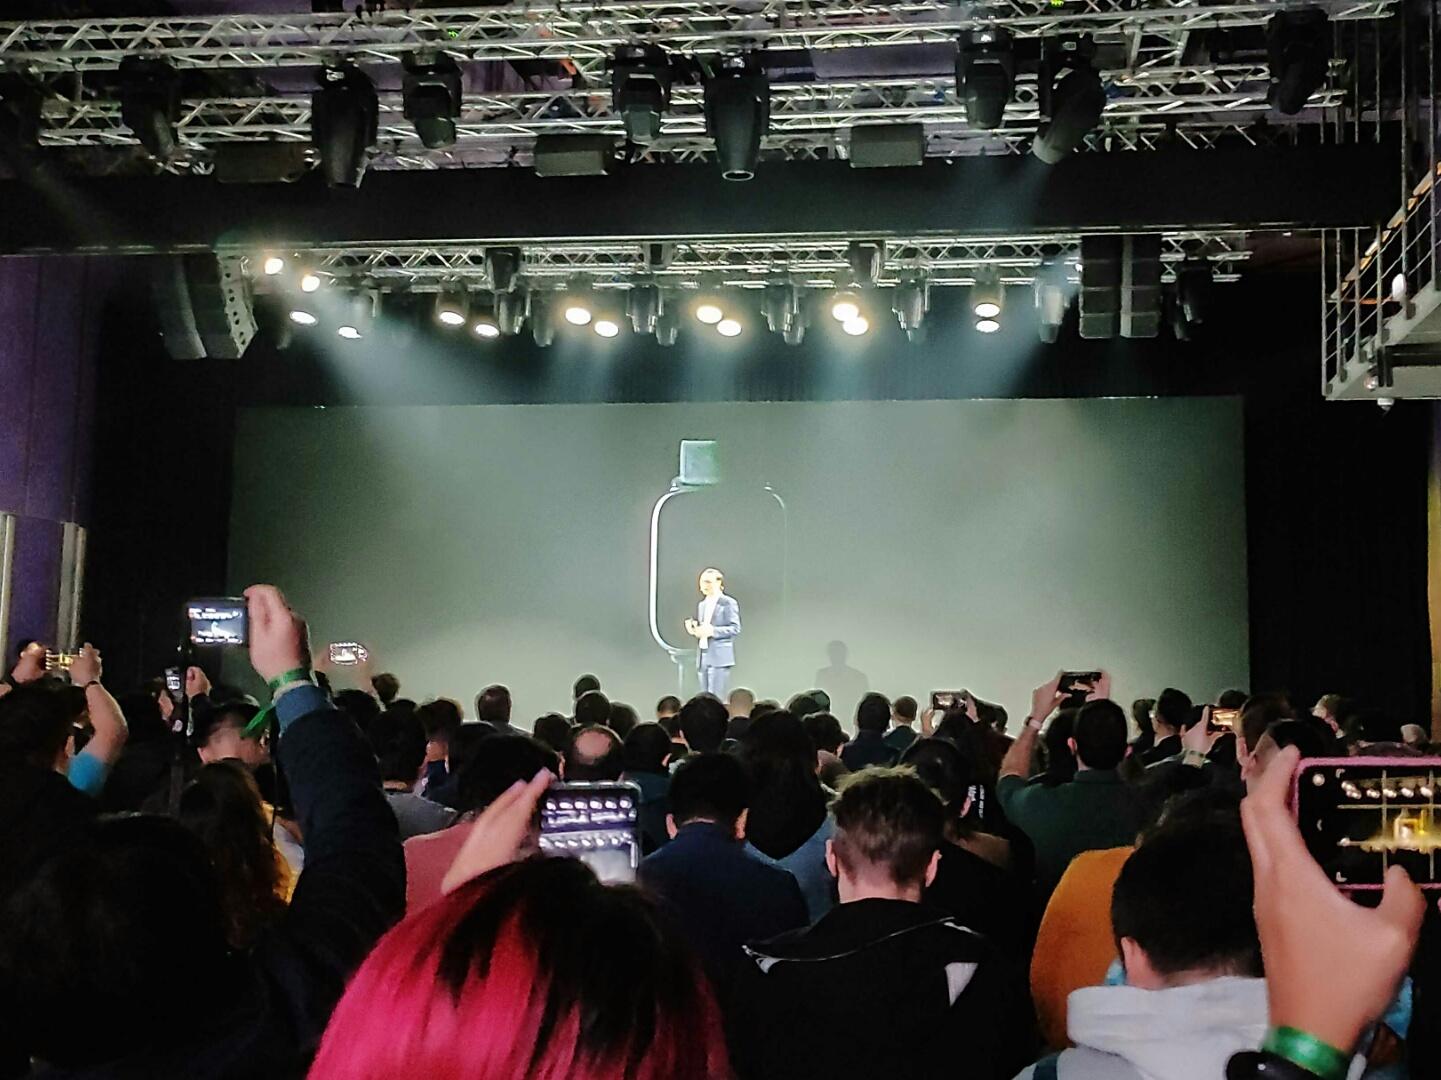 Силуэт будущих смартчасов Oppo издалека